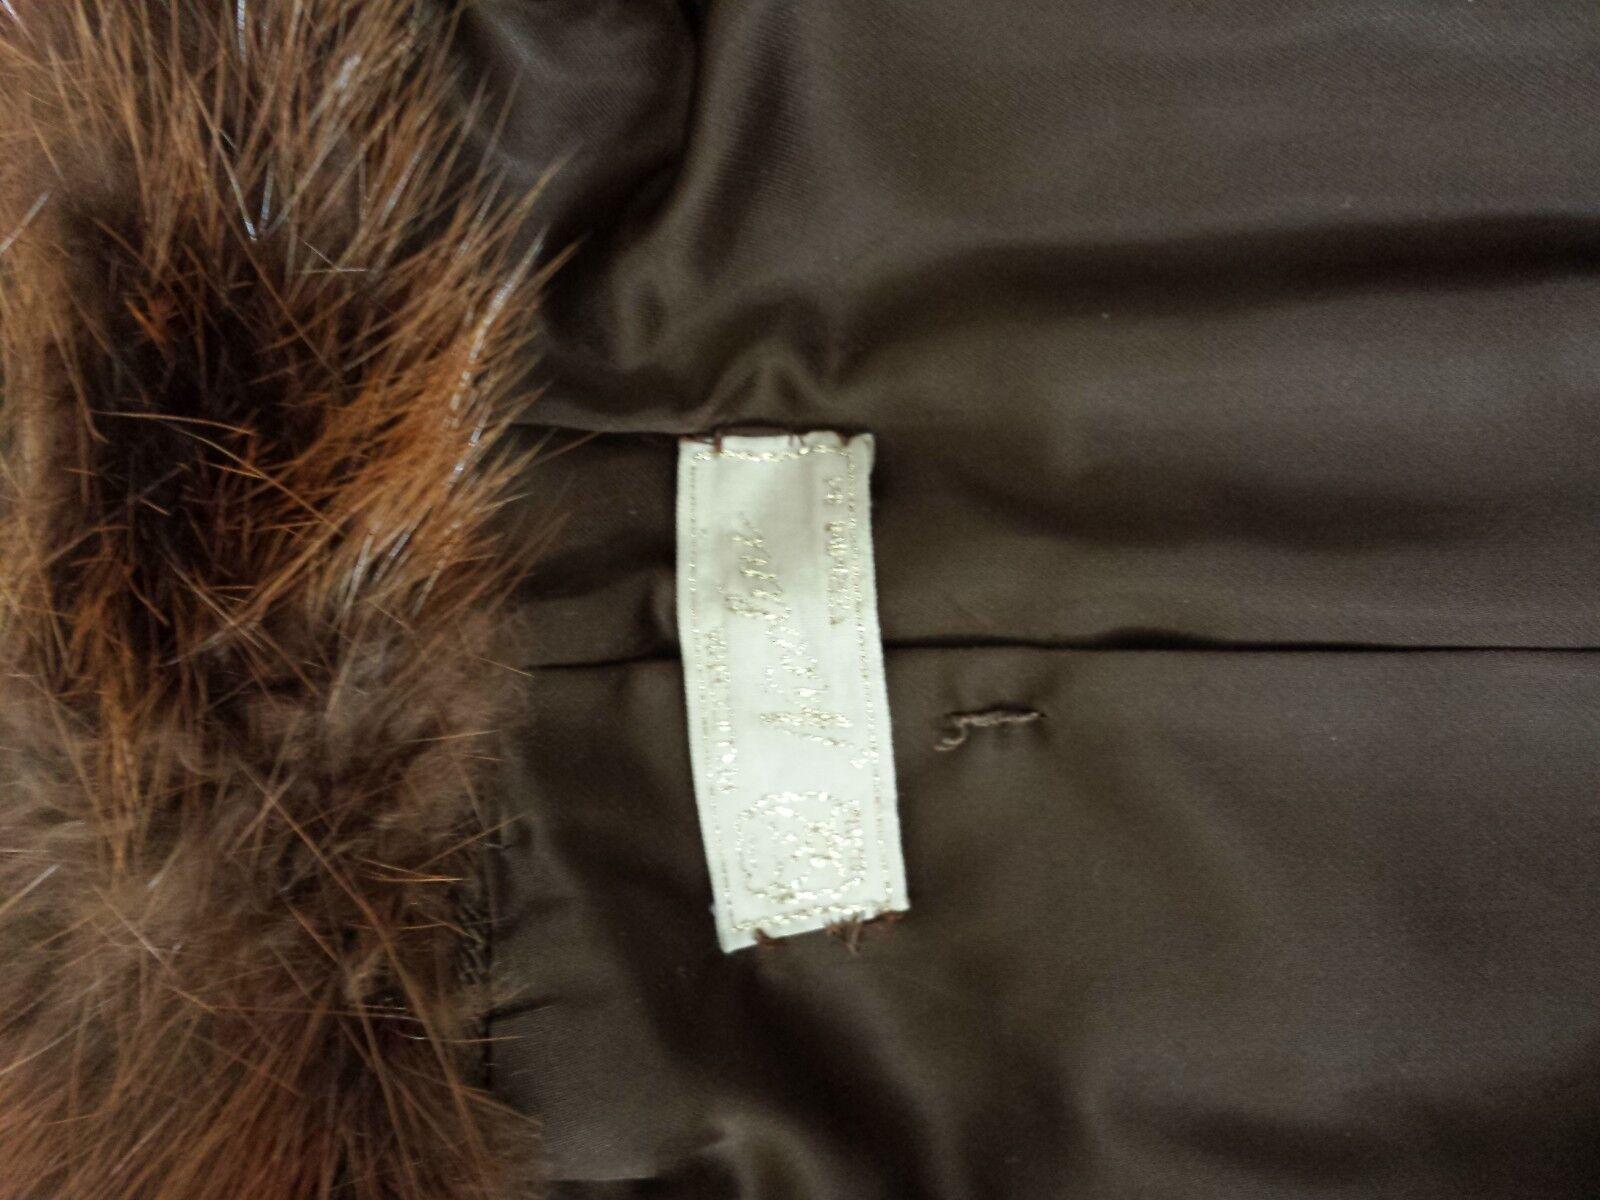 PELLICCIA VERO CASToro Giaccone   cappottino  anni 70 70 70 made in italy 8bec6b